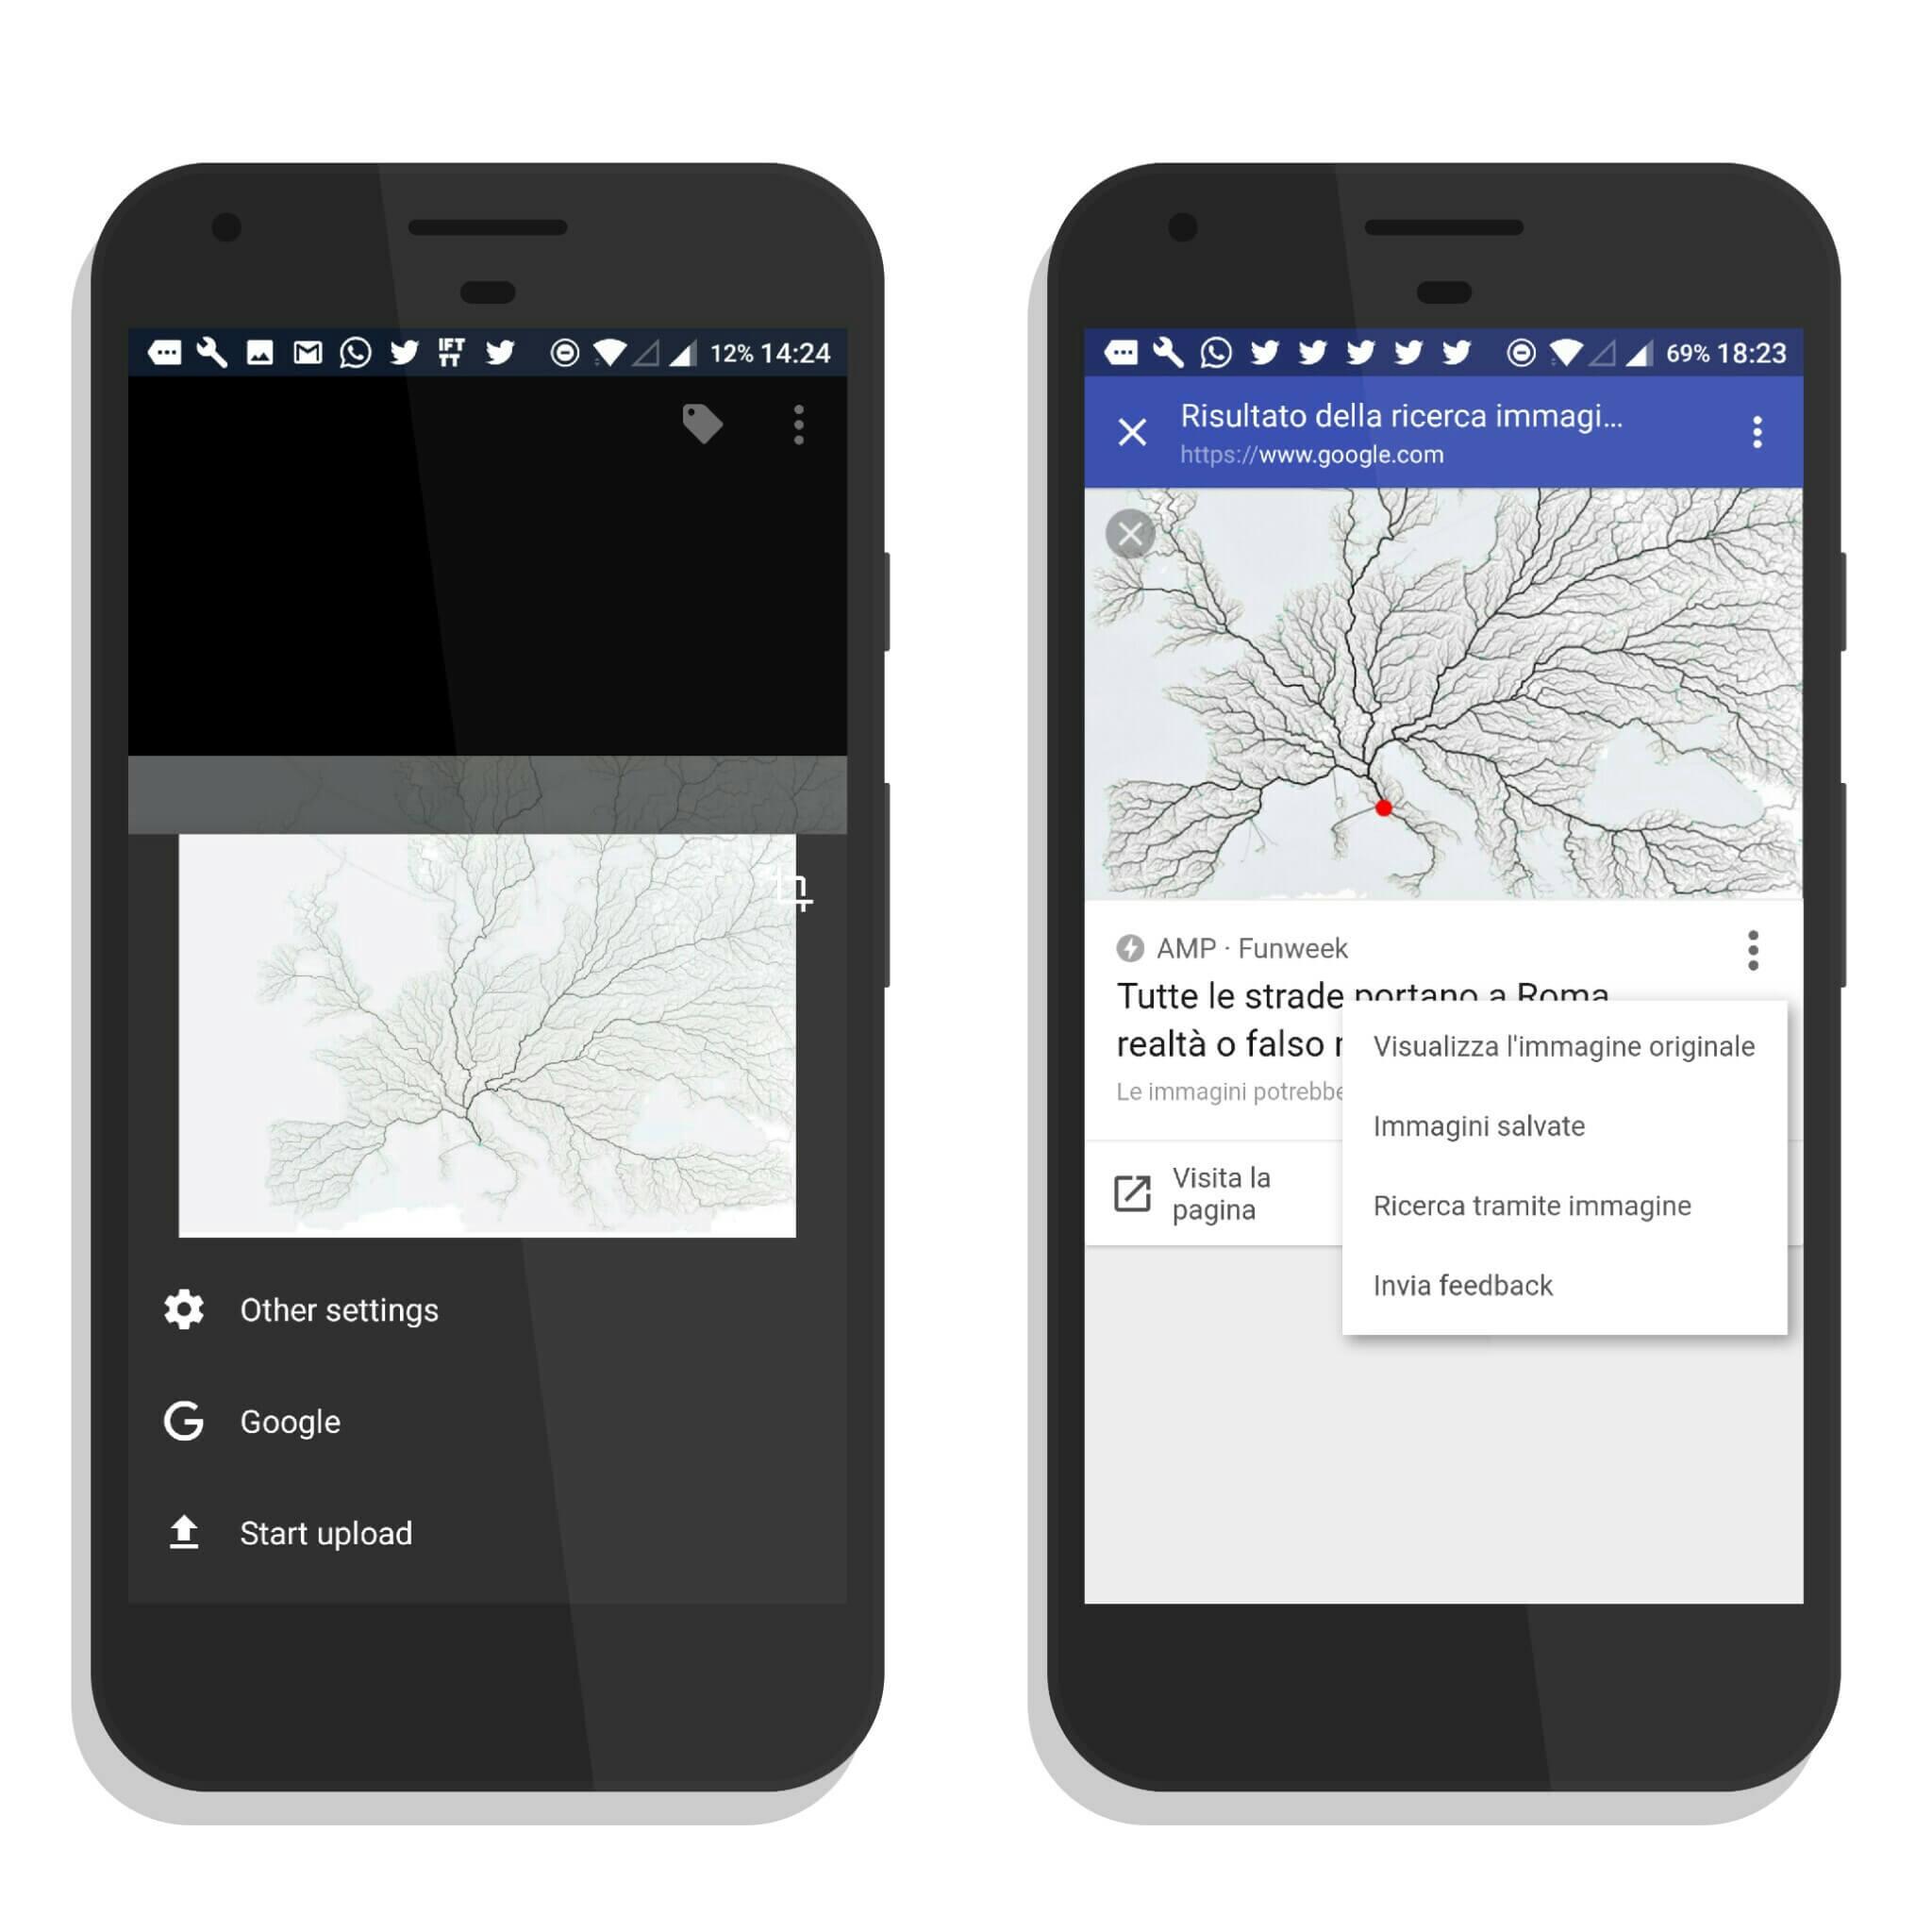 Come avere la ricerca per immagini di Google su Android - Le piccole ...